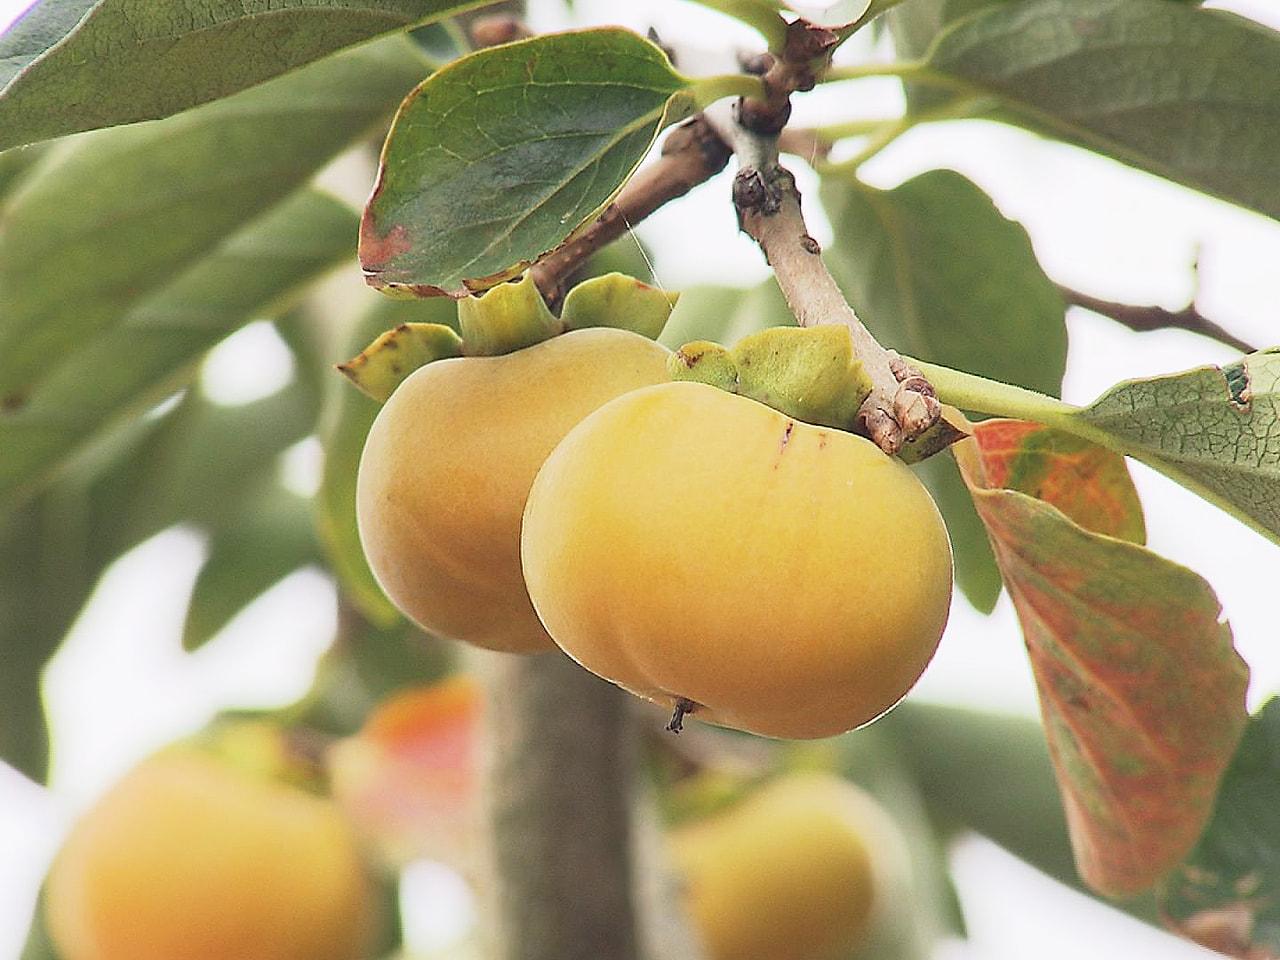 直径約3センチの小さな柿「ベビーパーシモン」の出荷が、岐阜県本巣市の農家で始まっ...